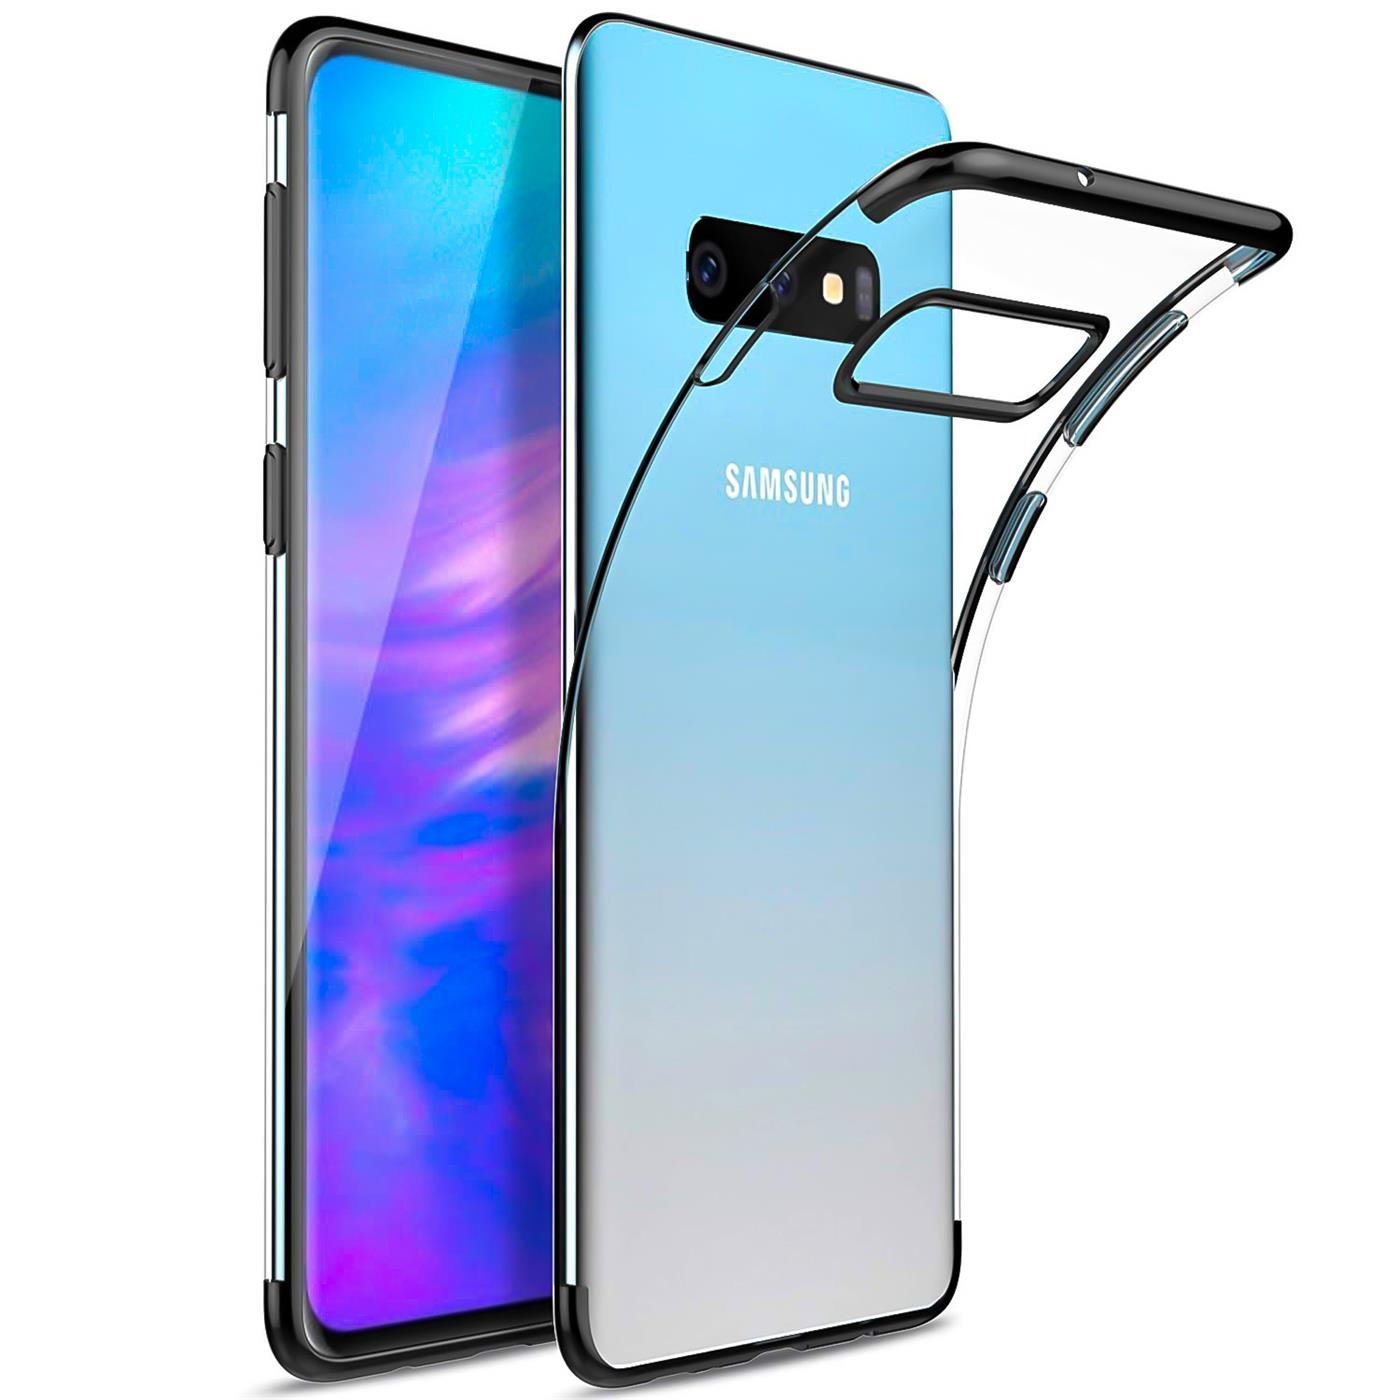 Samsung-Galaxy-S10-Huelle-Schutzhuelle-Handy-Tasche-Slim-Cover-Case-Transparent Indexbild 8